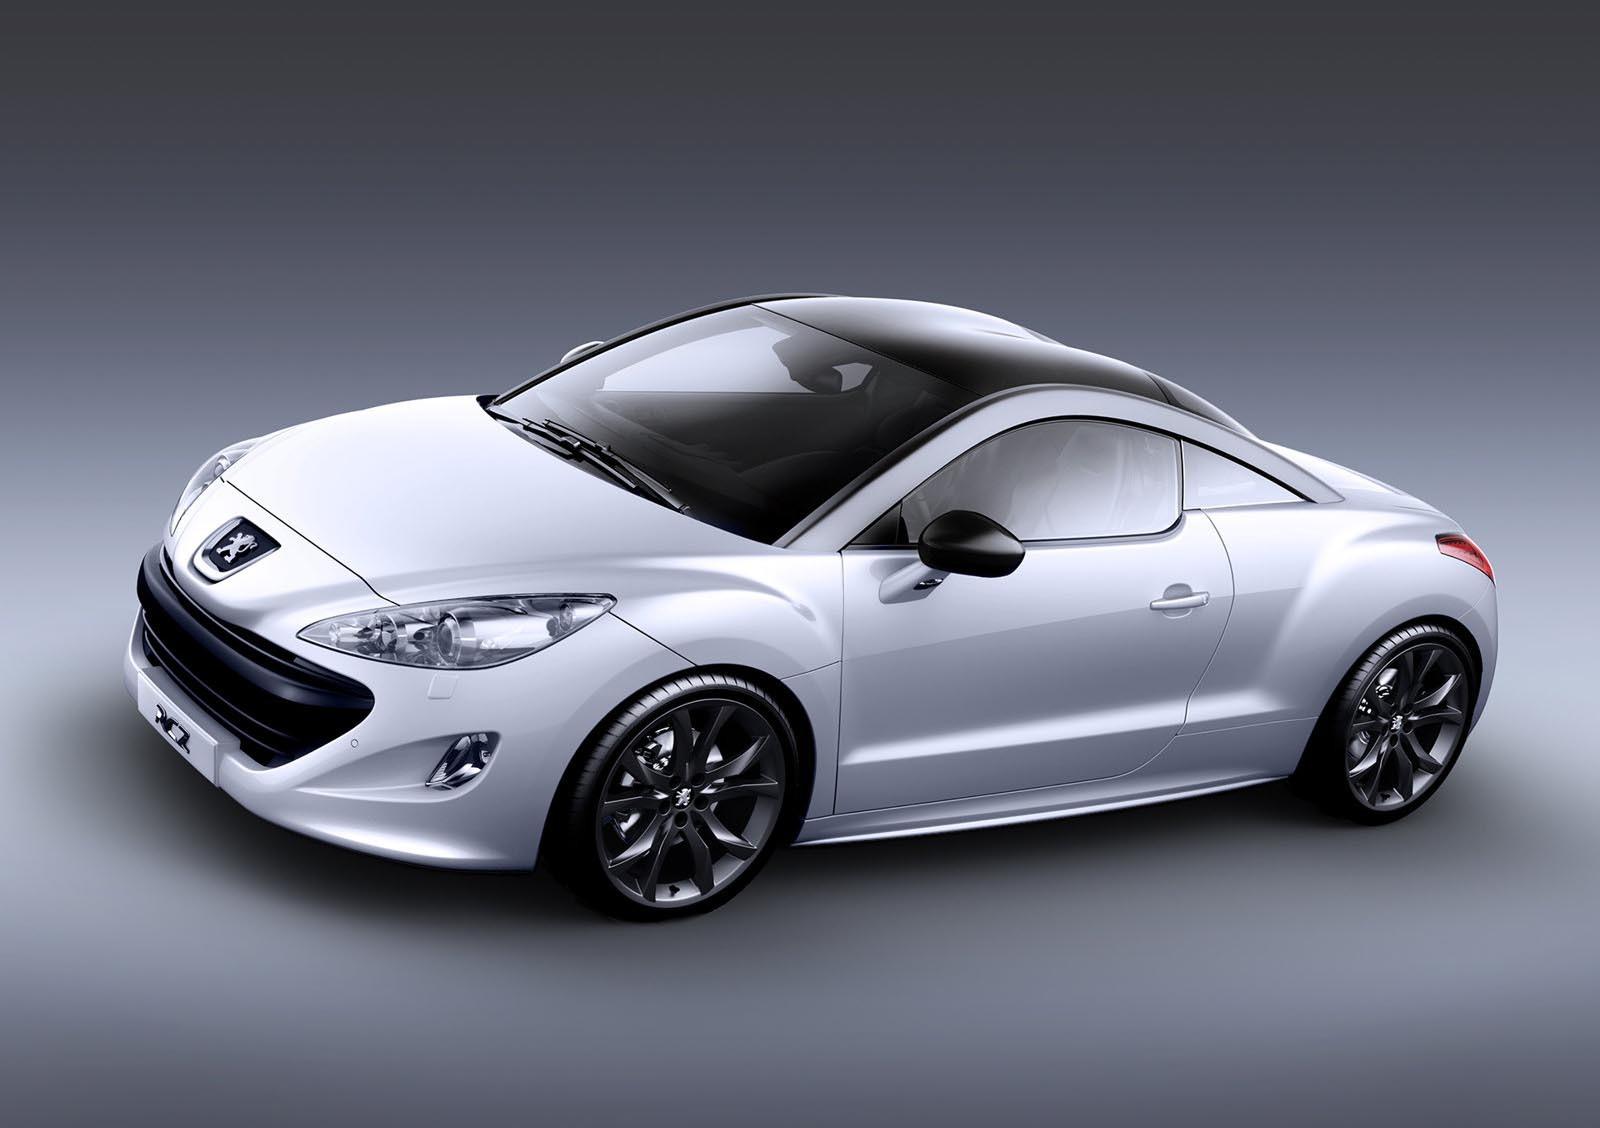 TOP 10 GAY CAR 2011. Locul 1: Peugeot RCZ - 450 puncte: www.promotor.ro/masini-noi/news/european-gay-car-2011-peugeot-rcz...